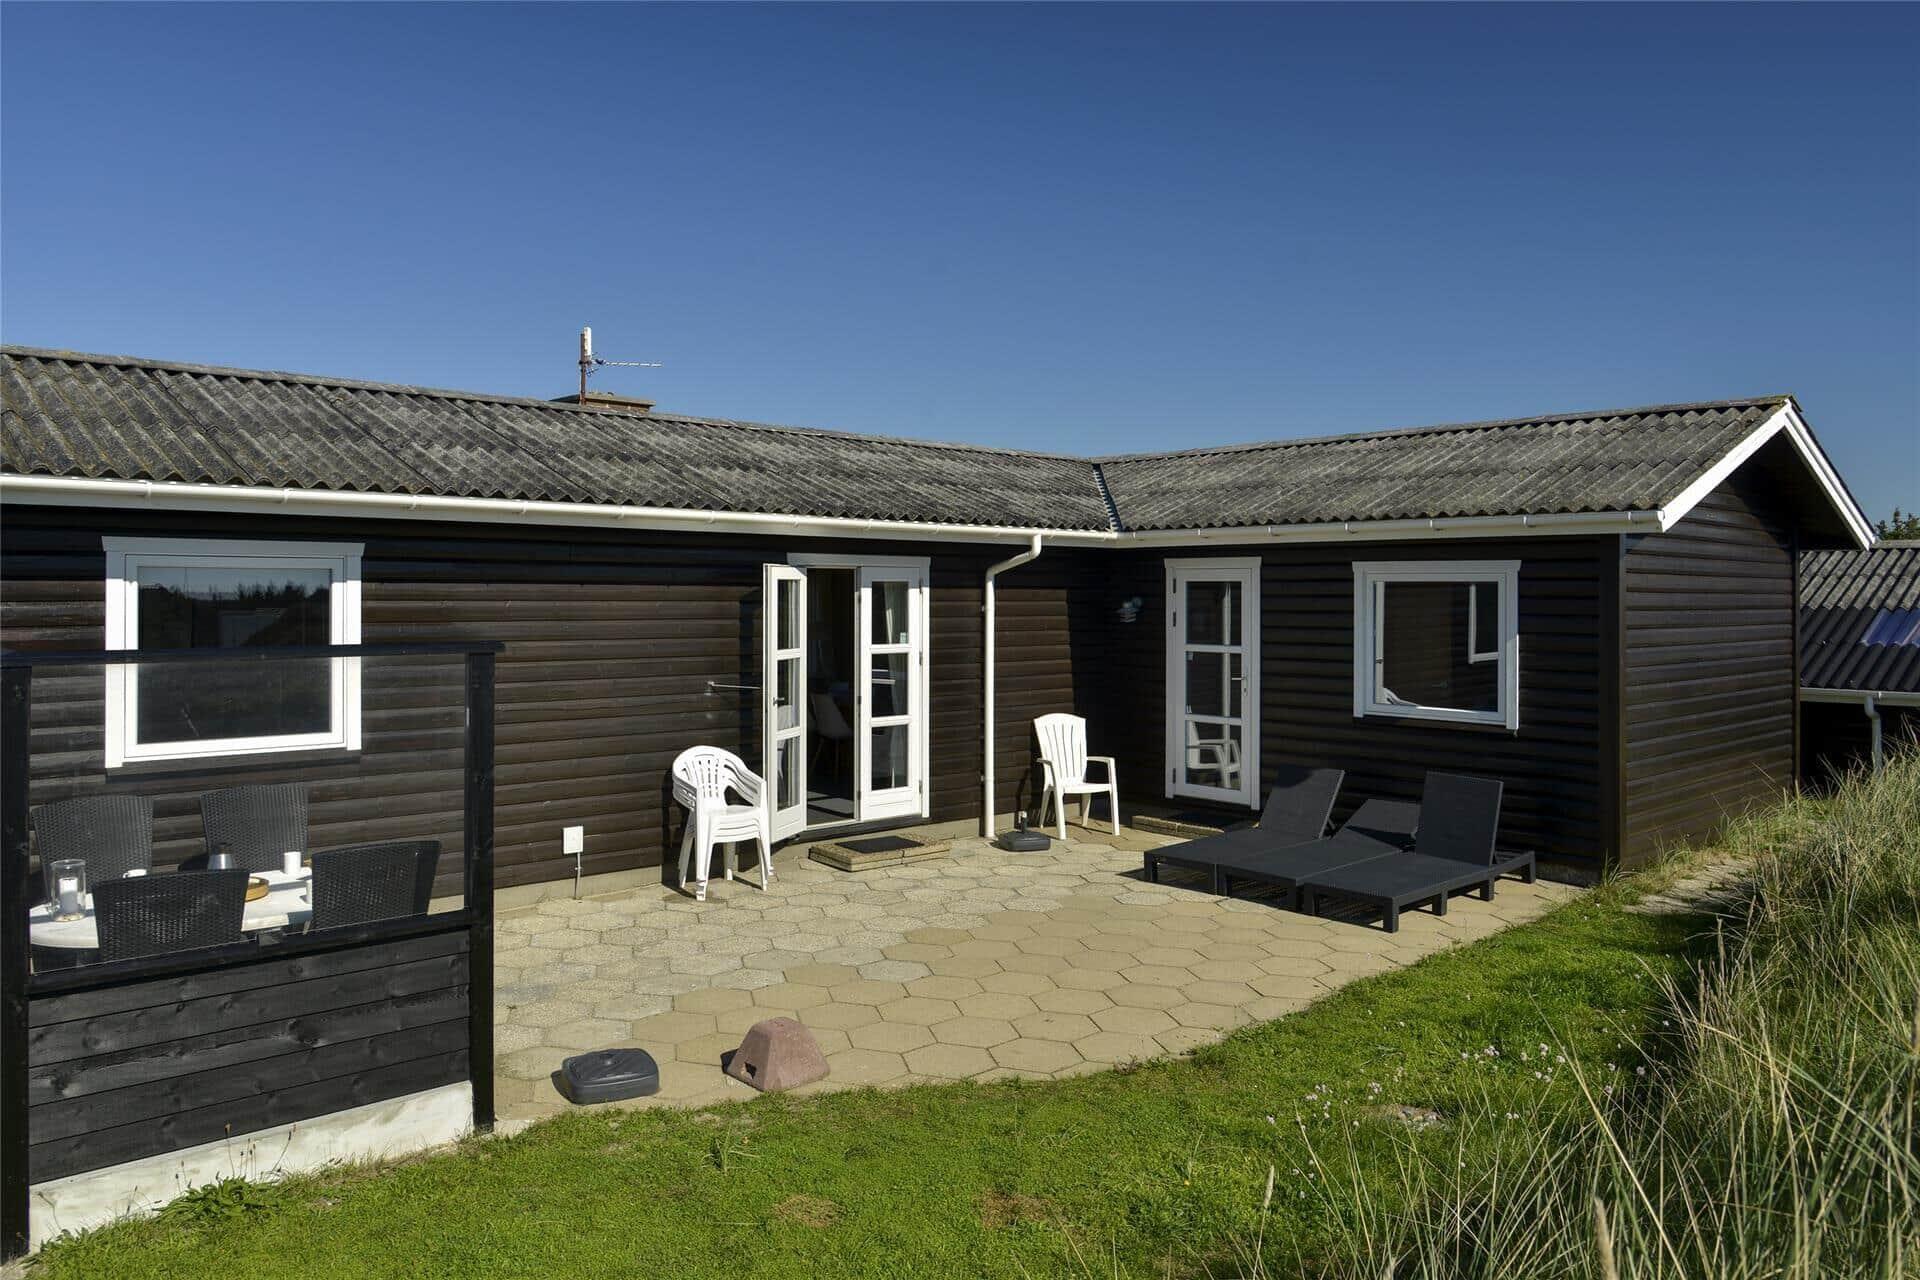 Billede 1-4 Sommerhus 171, Nordsøvej 428, DK - 6950 Ringkøbing